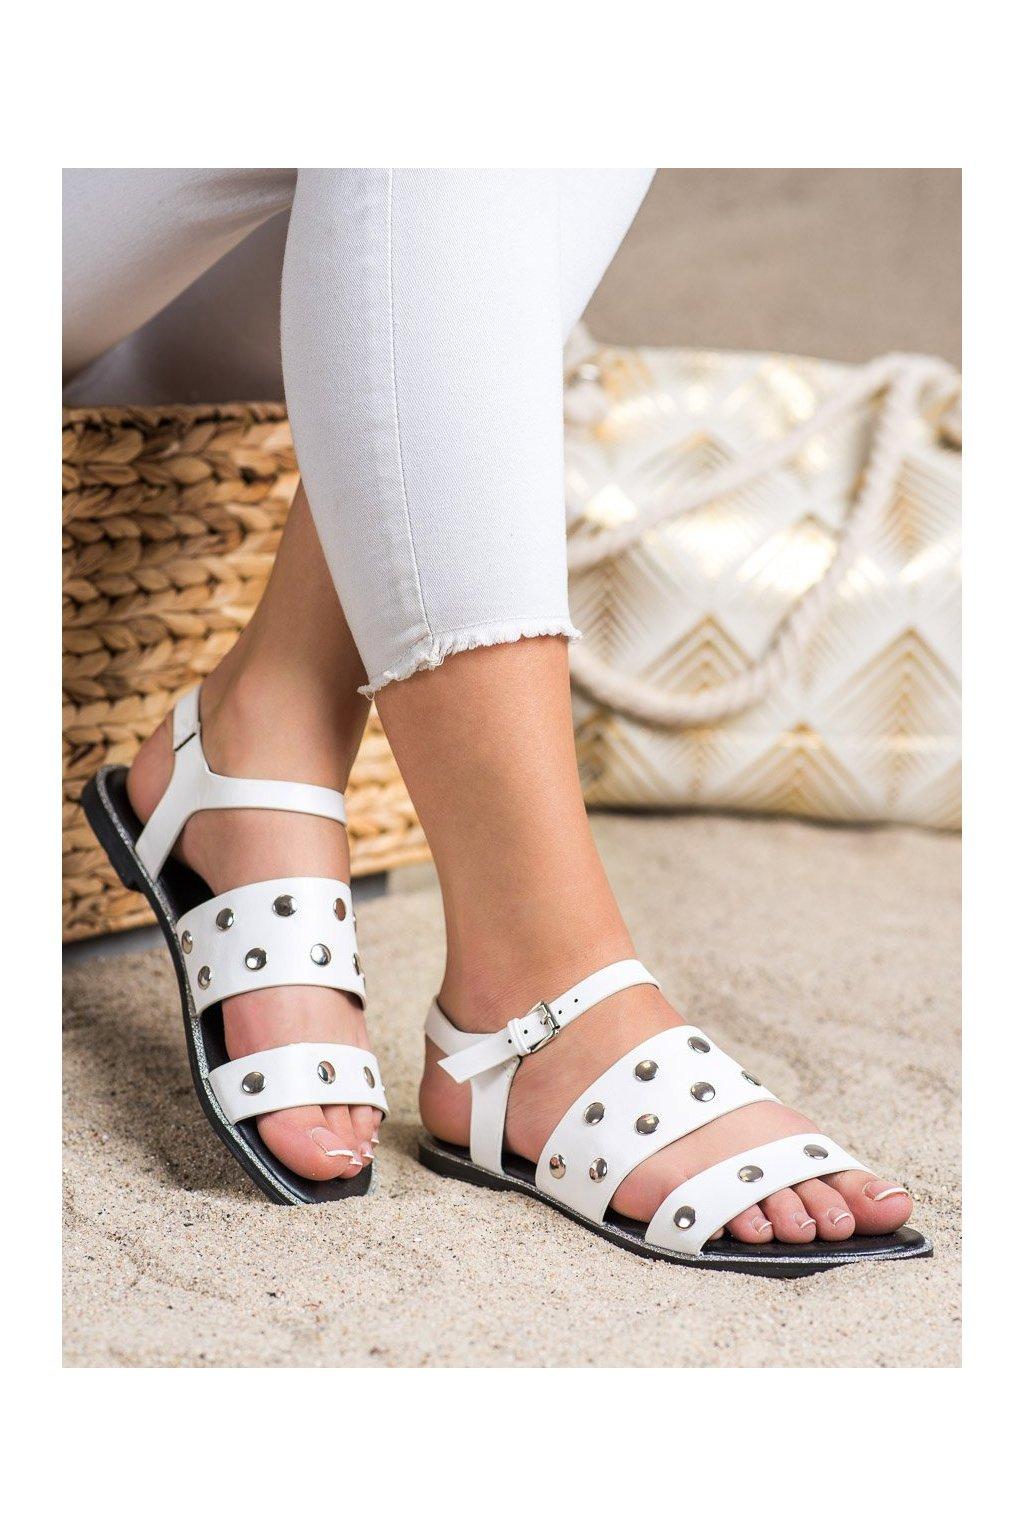 Biele sandále Goodin kod GD-YQ-85W